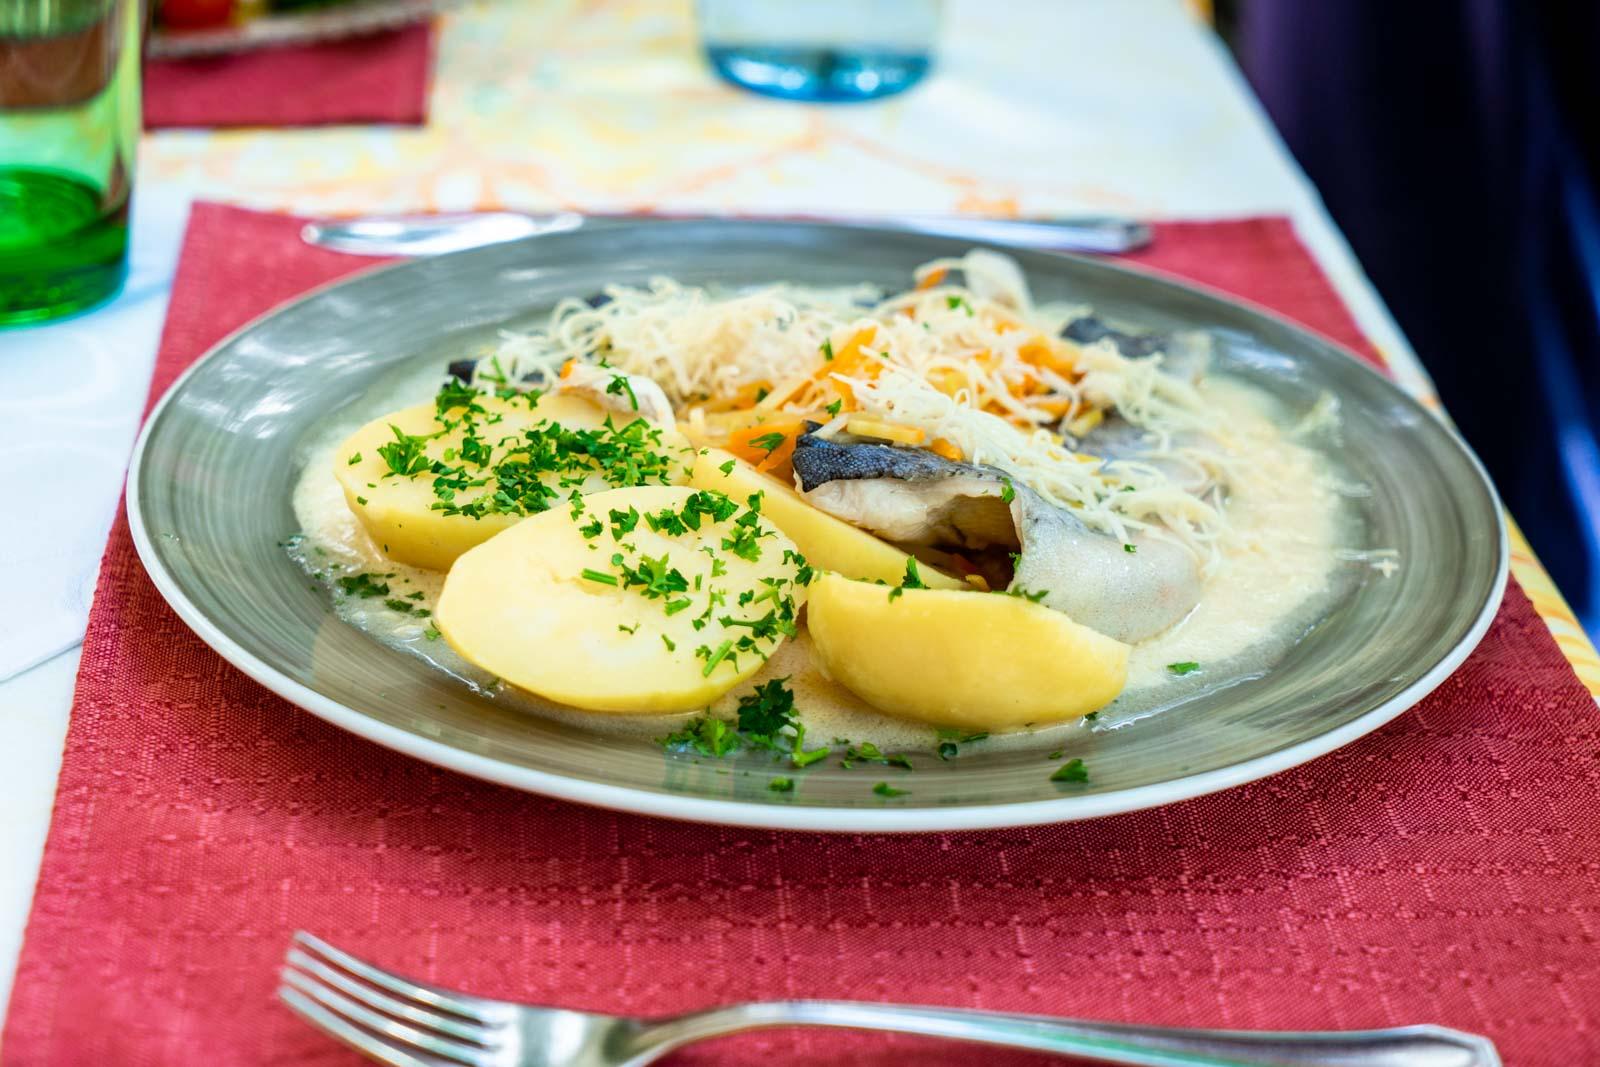 Zit Lo restaurant, Lech, Austria